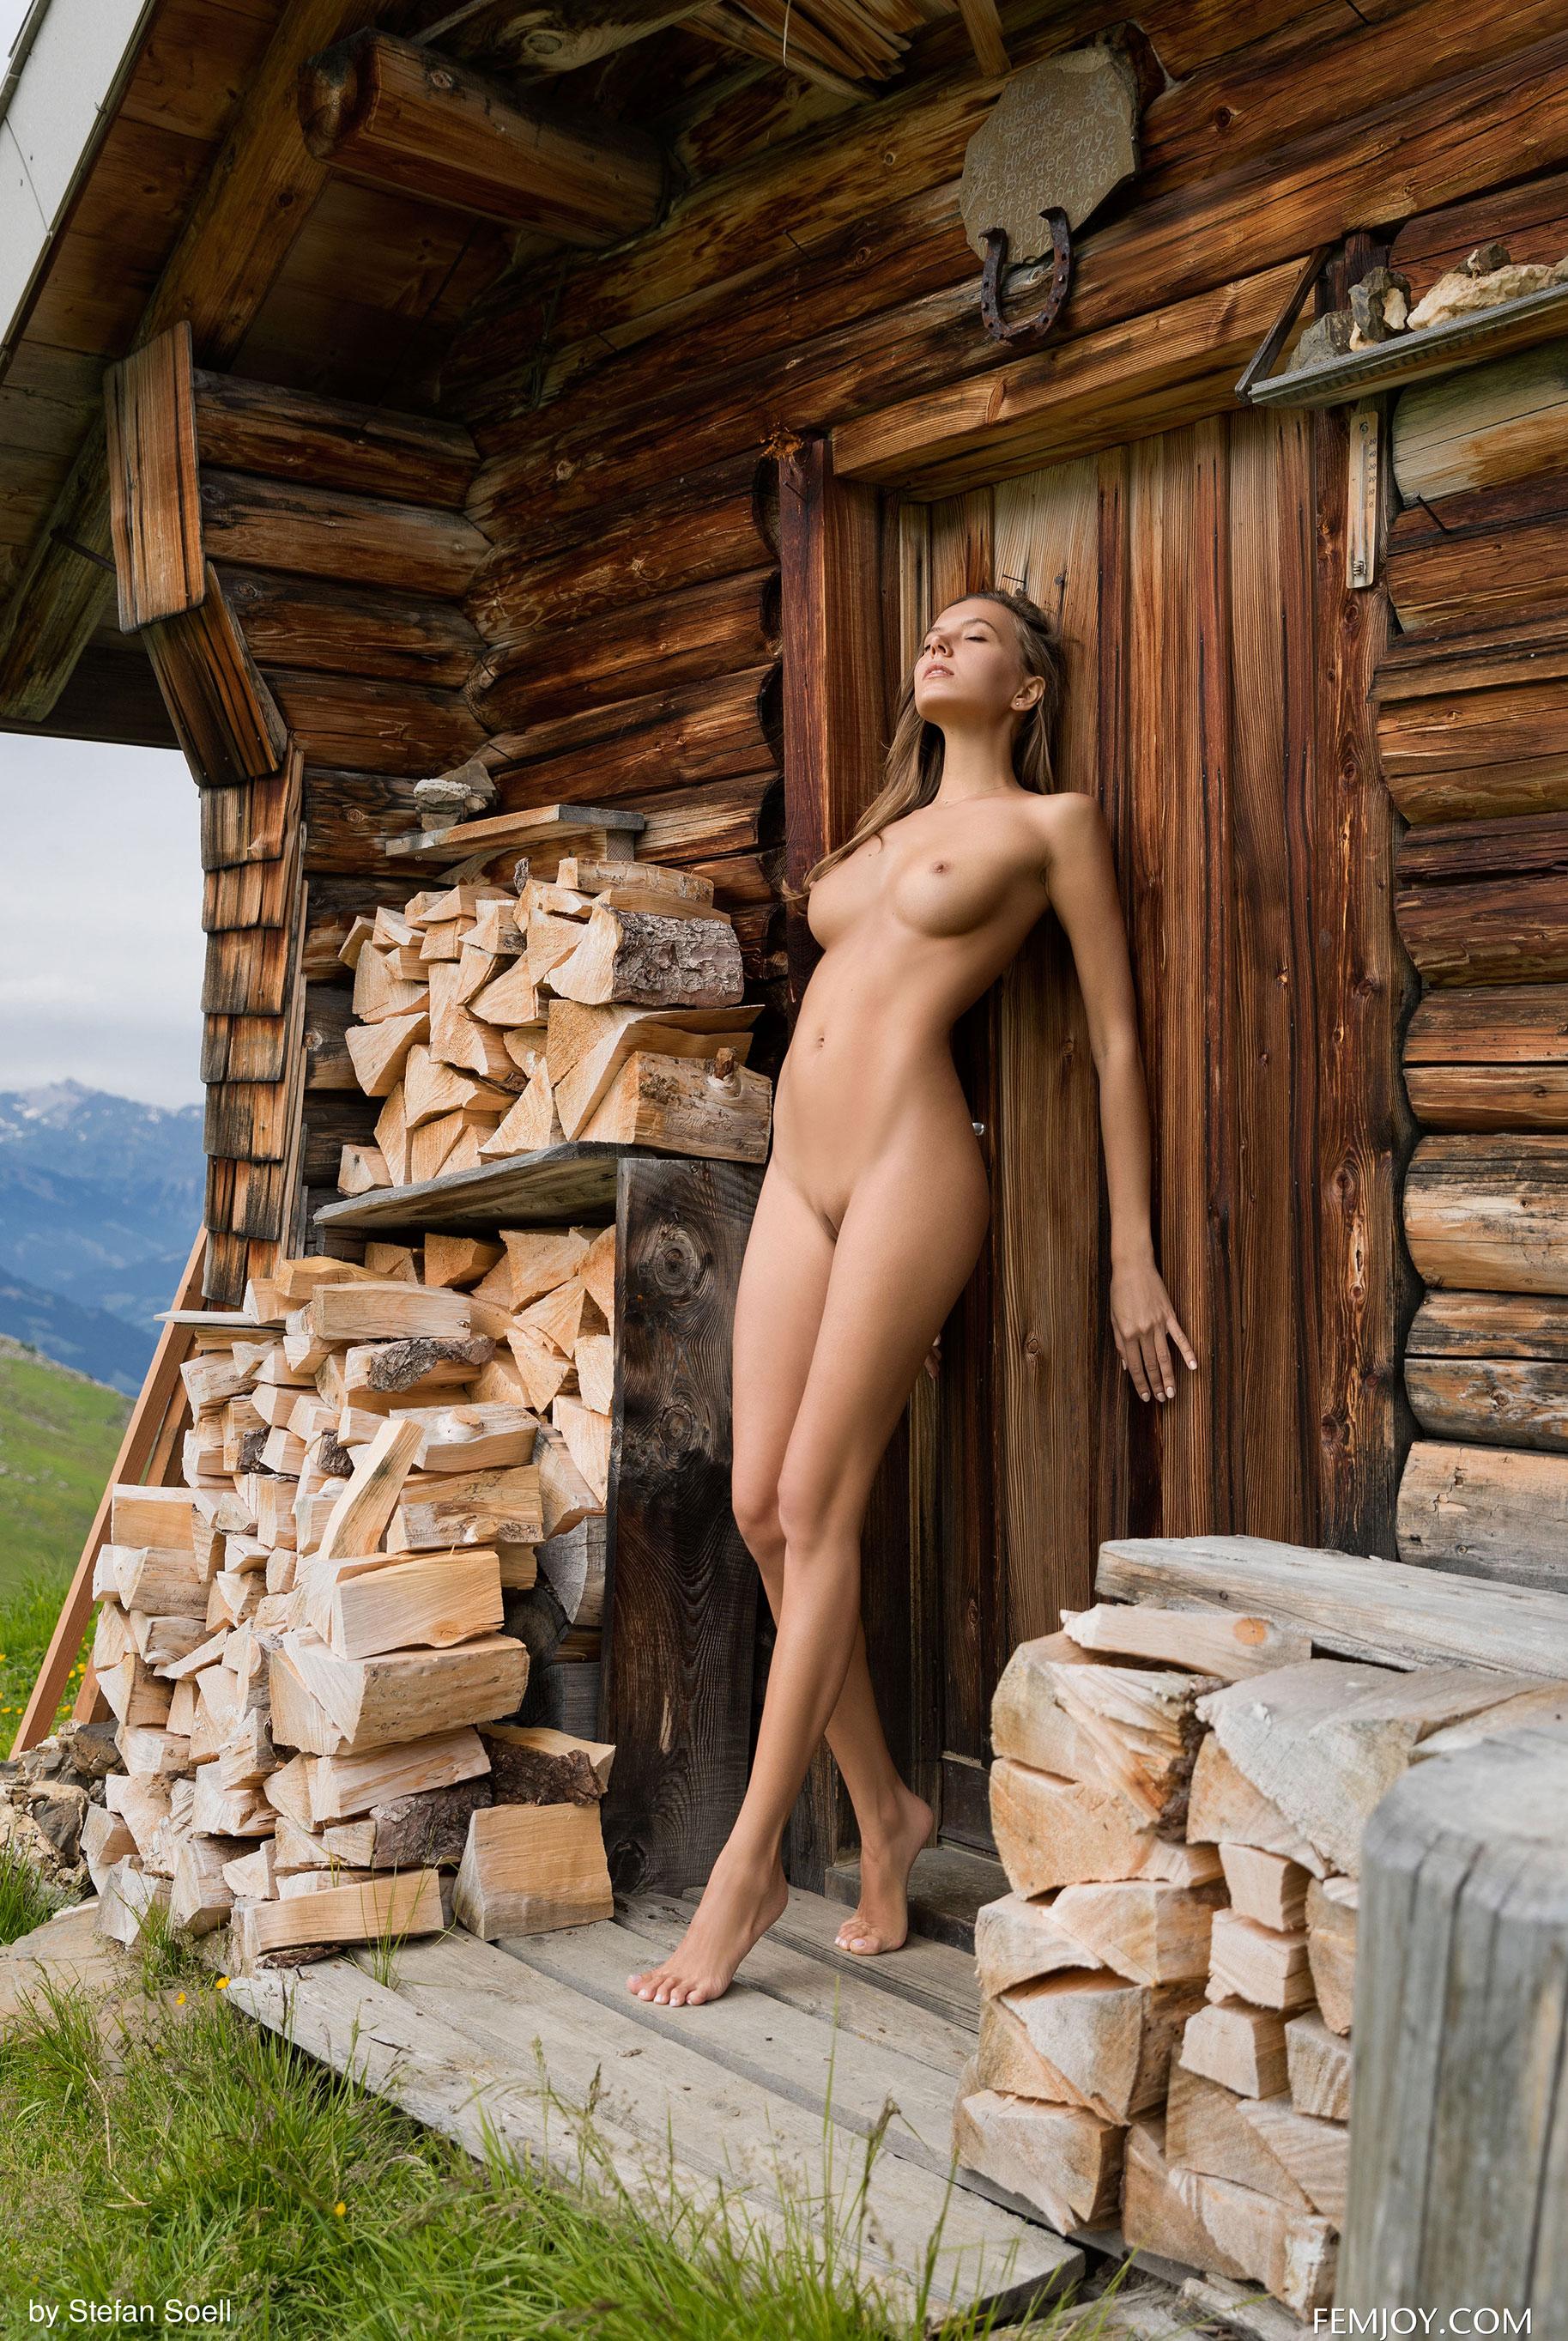 Сексуальная Катя - голая и одинокая в избушке на склоне Альпийских гор / фото 10